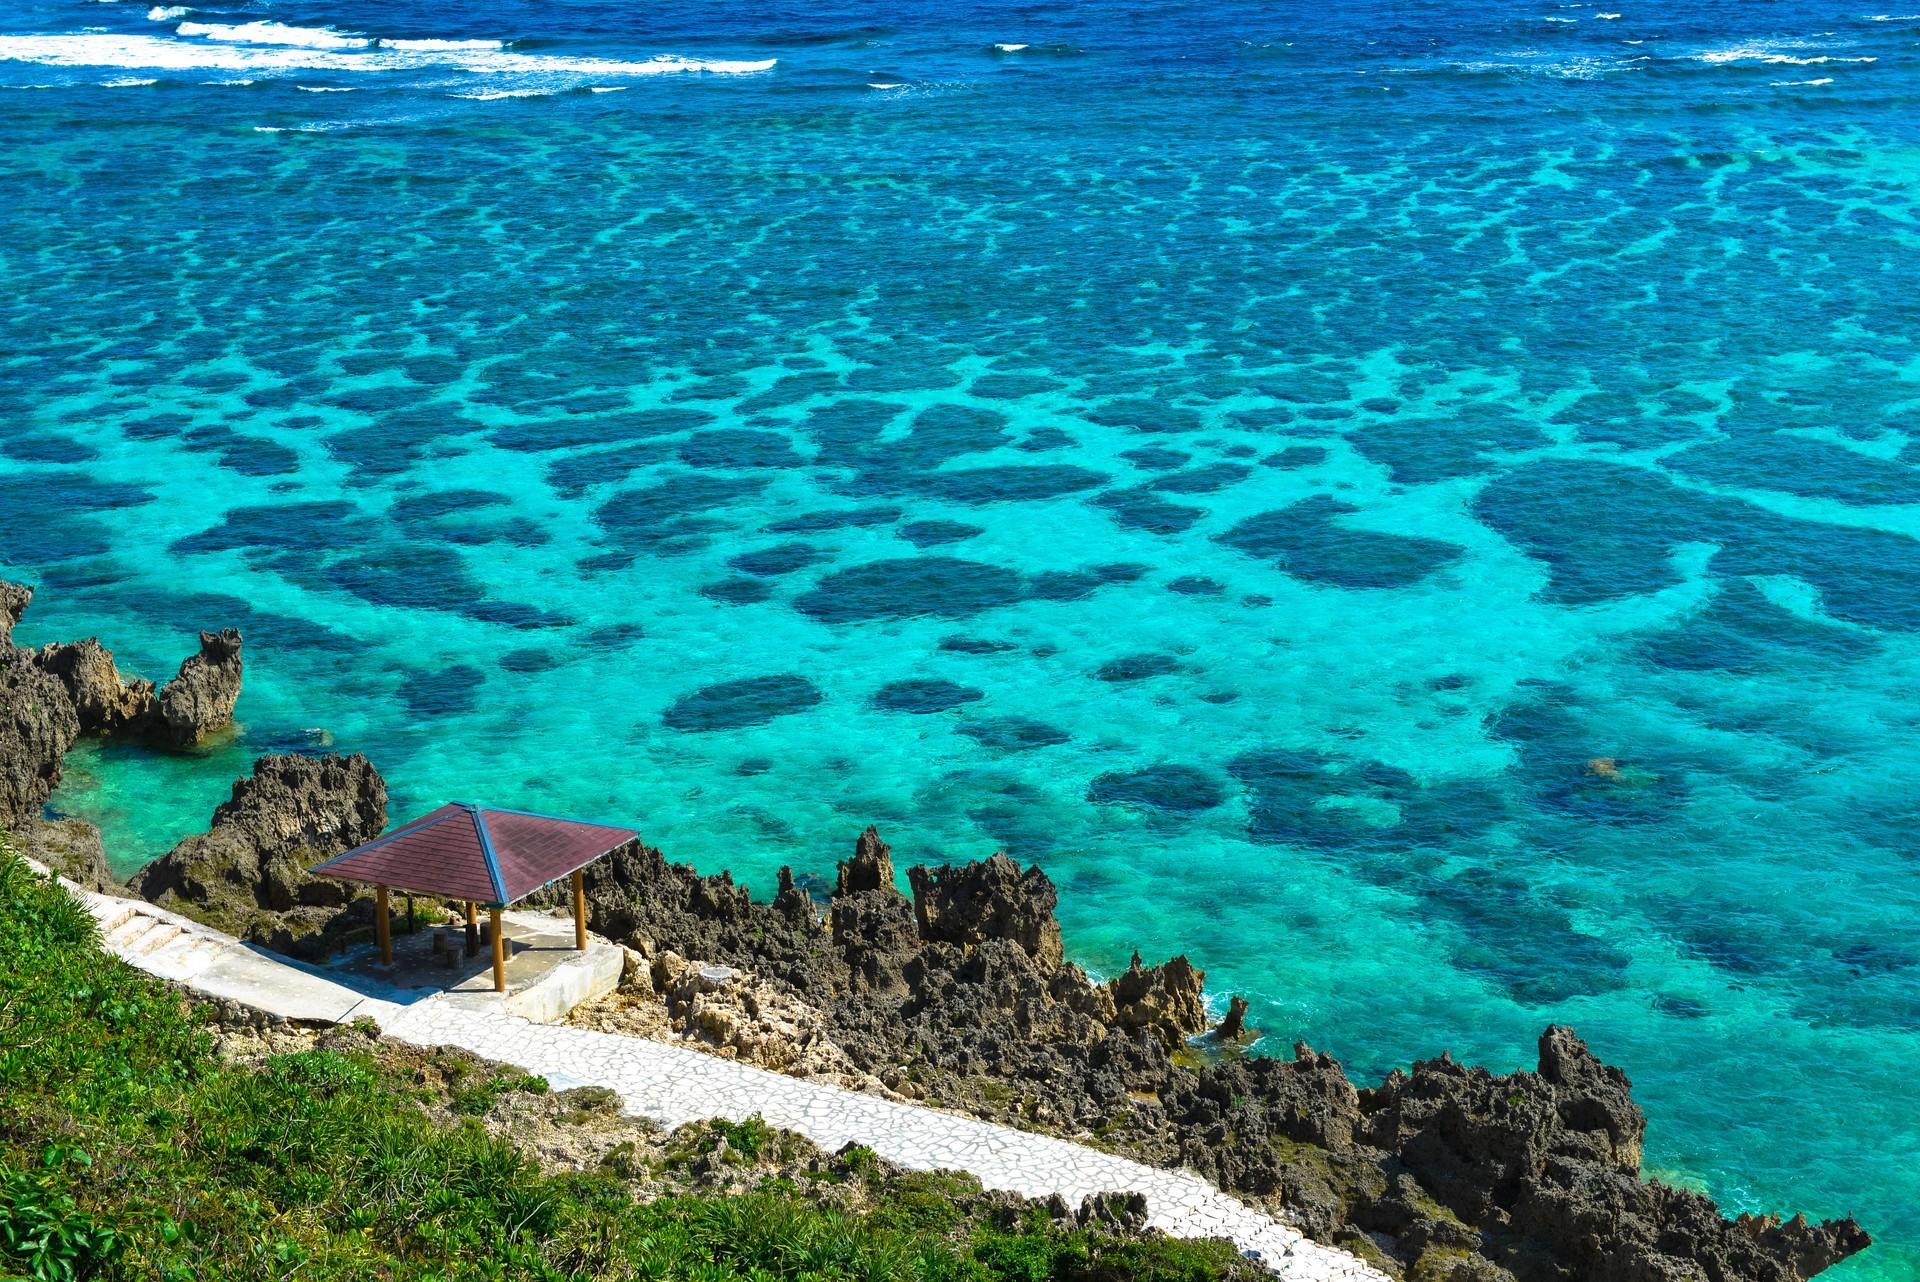 Okinawa's azure waters